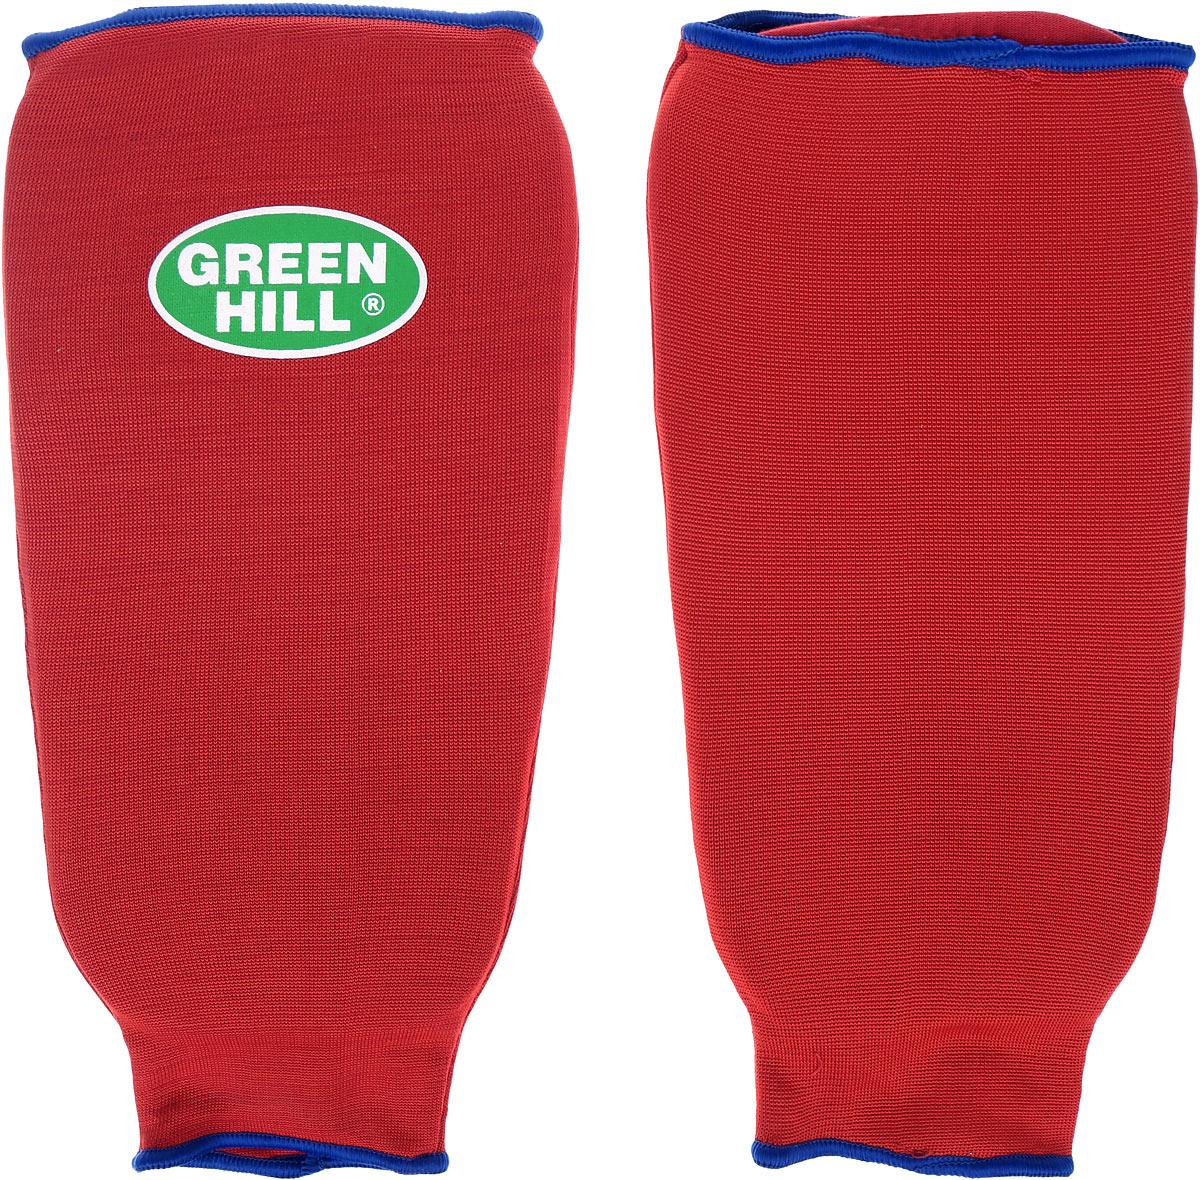 Защита голени Green Hill, цвет: красный, синий. Размер L. SPC-6210AU03011Защита голени Green Hill с наполнителем, выполненным из вспененного полимера, необходима при занятиях спортом для защиты суставов от вывихов, ушибов и прочих повреждений. Накладки выполнены из высококачественного эластана и хлопка.Длина голени: 28 см.Ширина голени: 16 см.